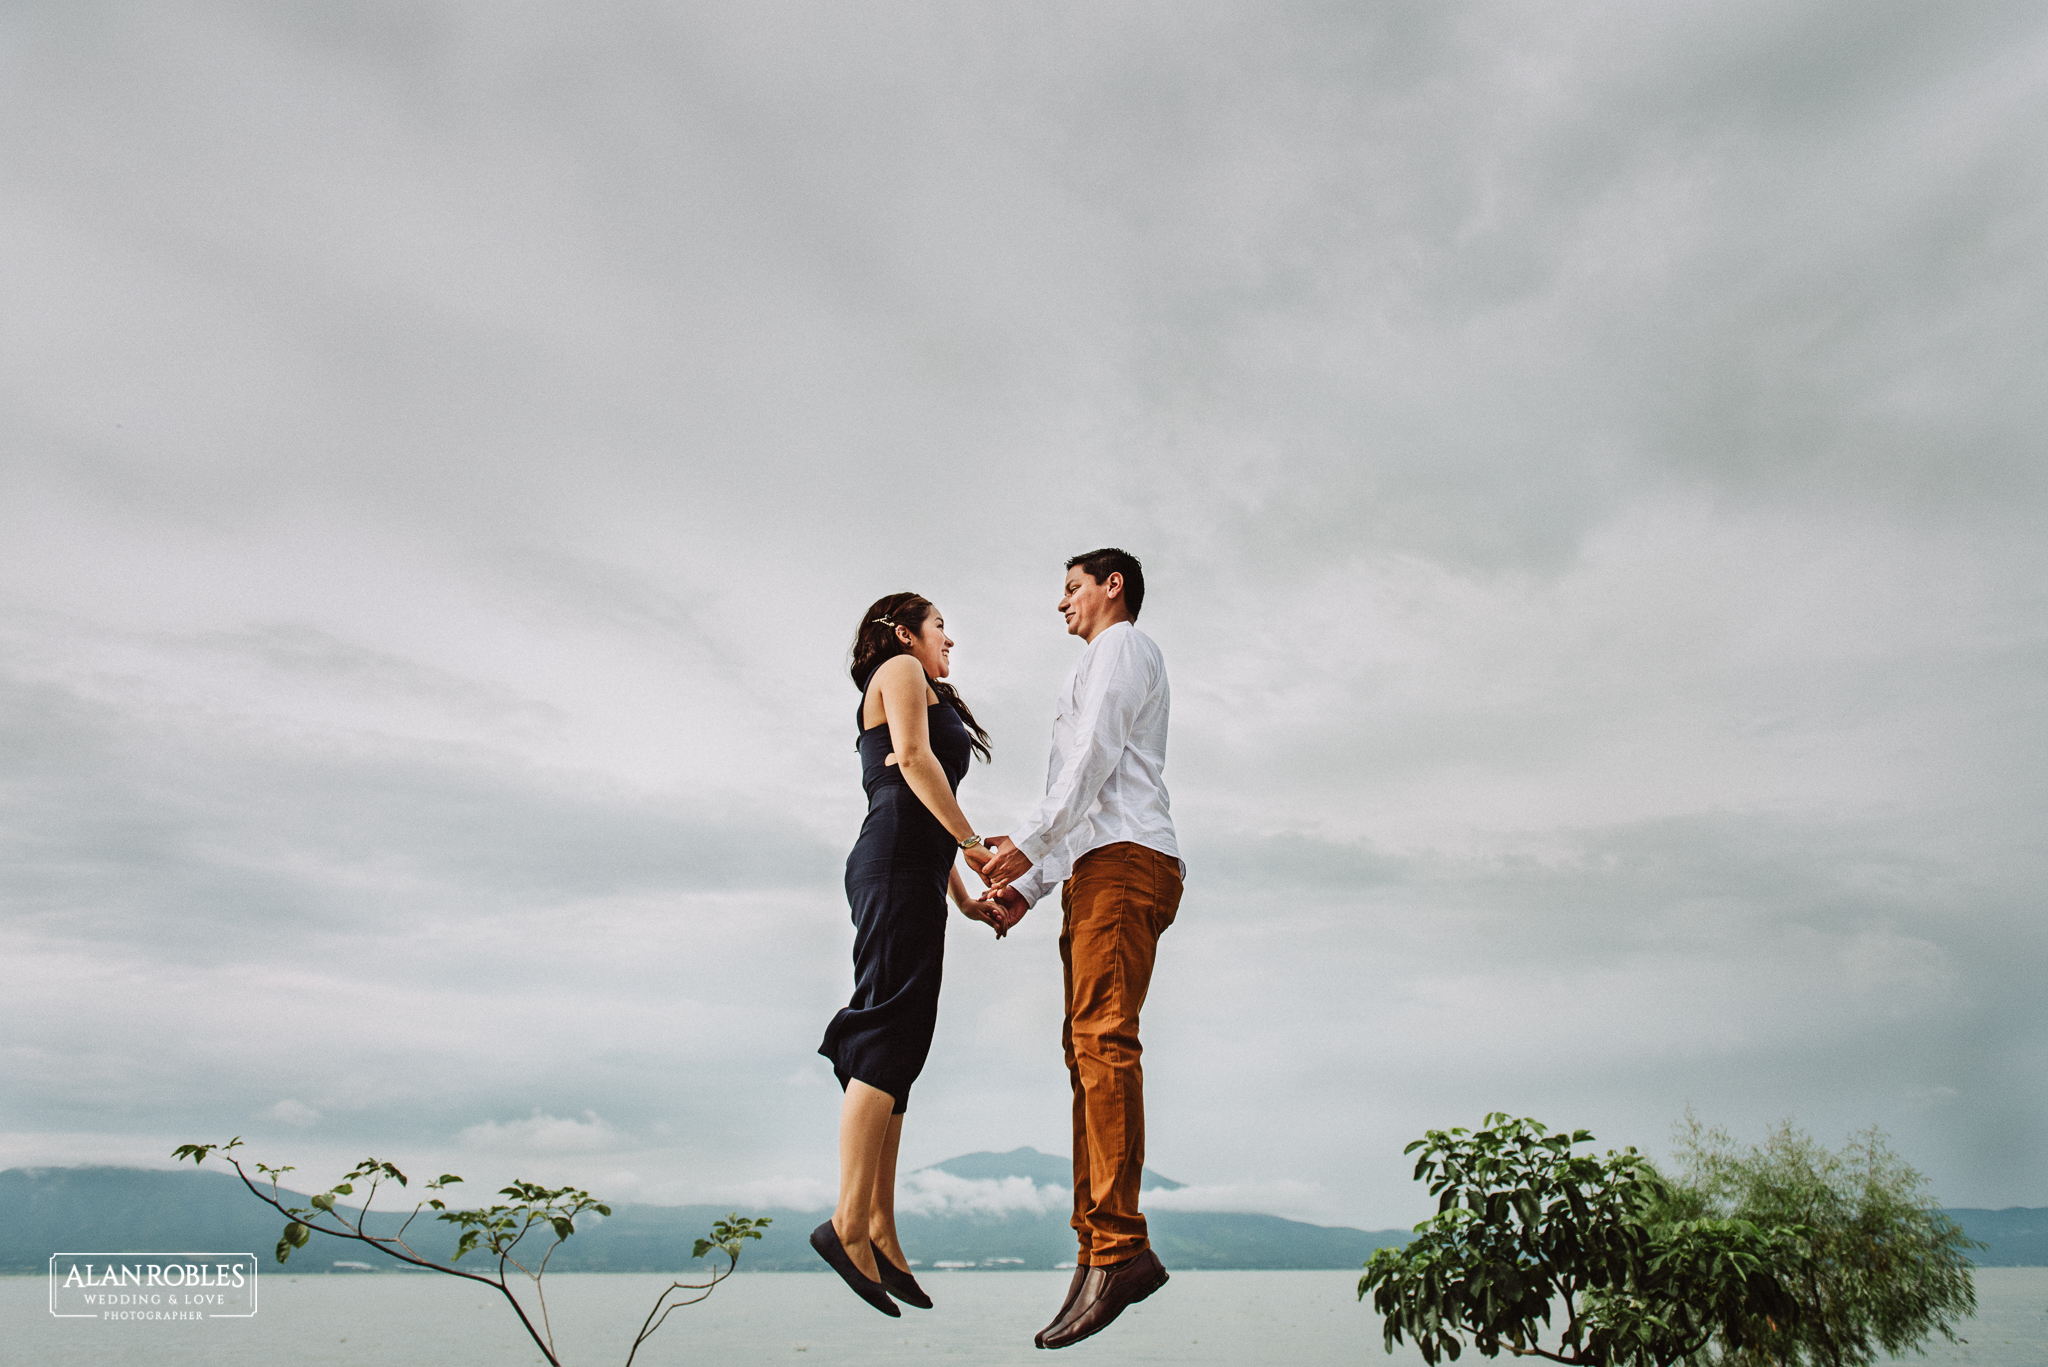 Sesion de fotos Preboda en Laguna de Chapala, Ajijic. Fotografia de bodas - Alan Robles Wedding & Love Photographer, Fotografo de bodas en Guadalajara. Fotos creativas para boda. Ideas para fotos de boda. Fotos divertidas para preboda, novios saltando en el aire.